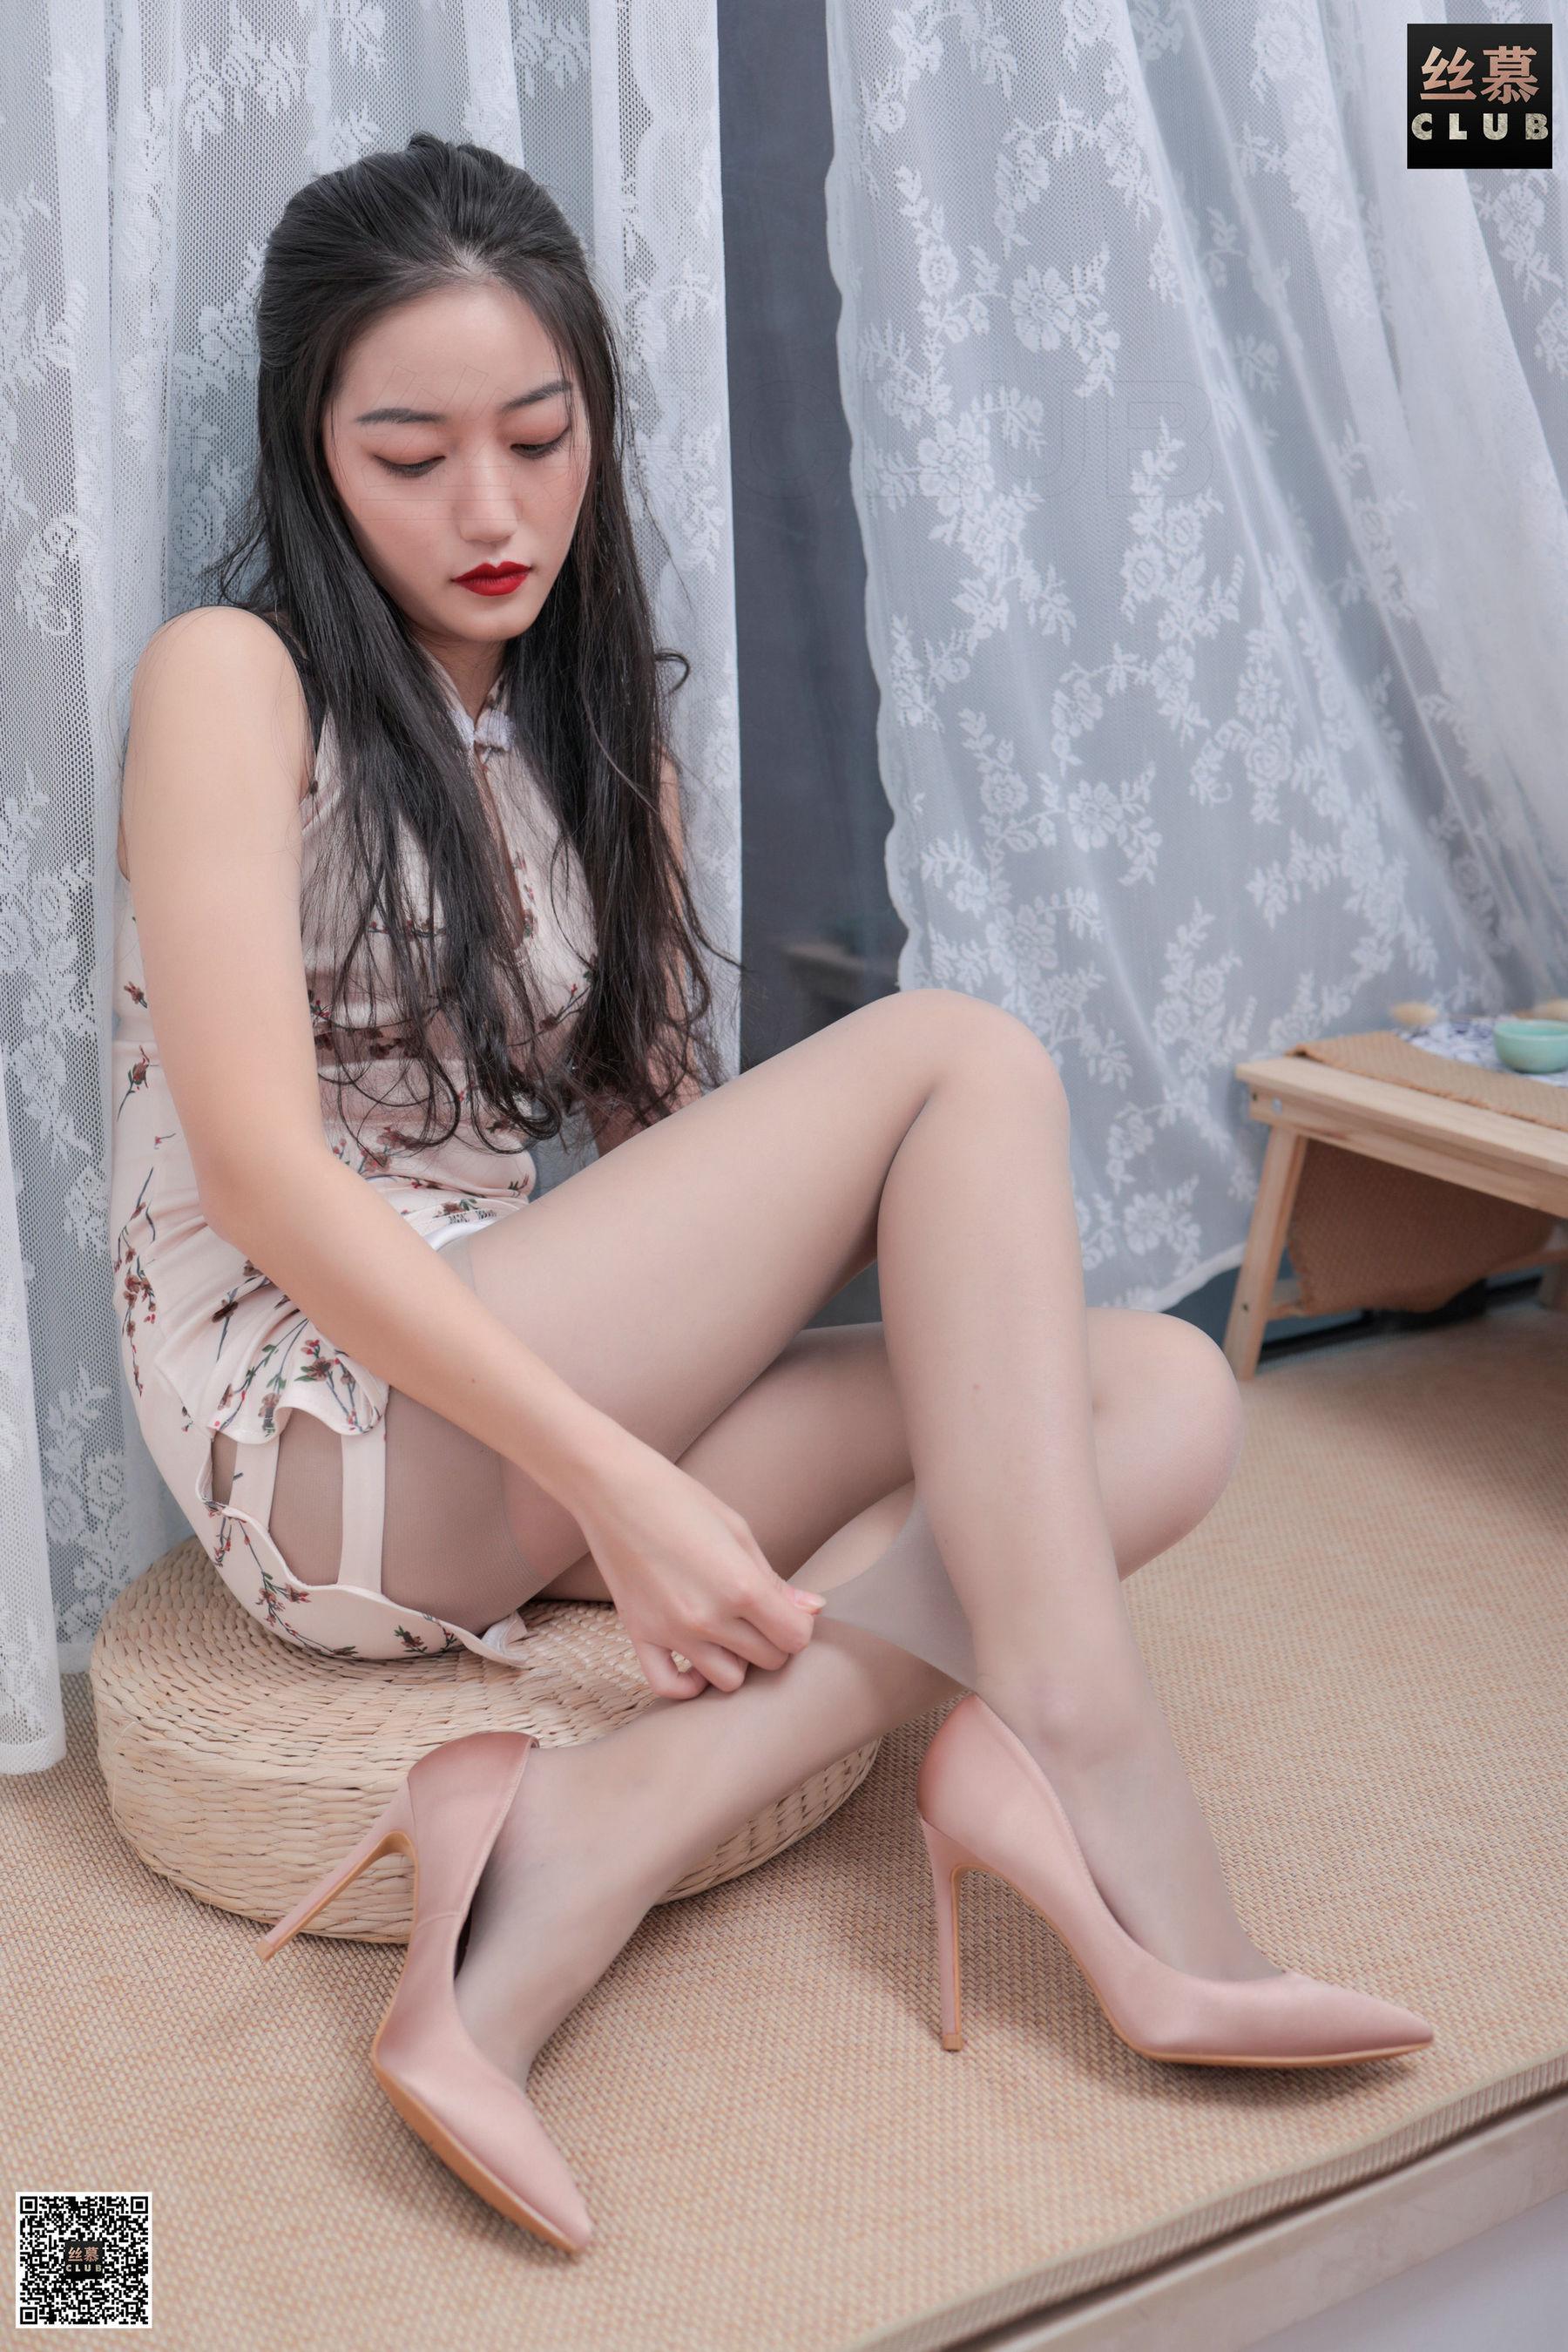 [秀人网]小热巴No.1194超高清写真大图片(41P)|624热度